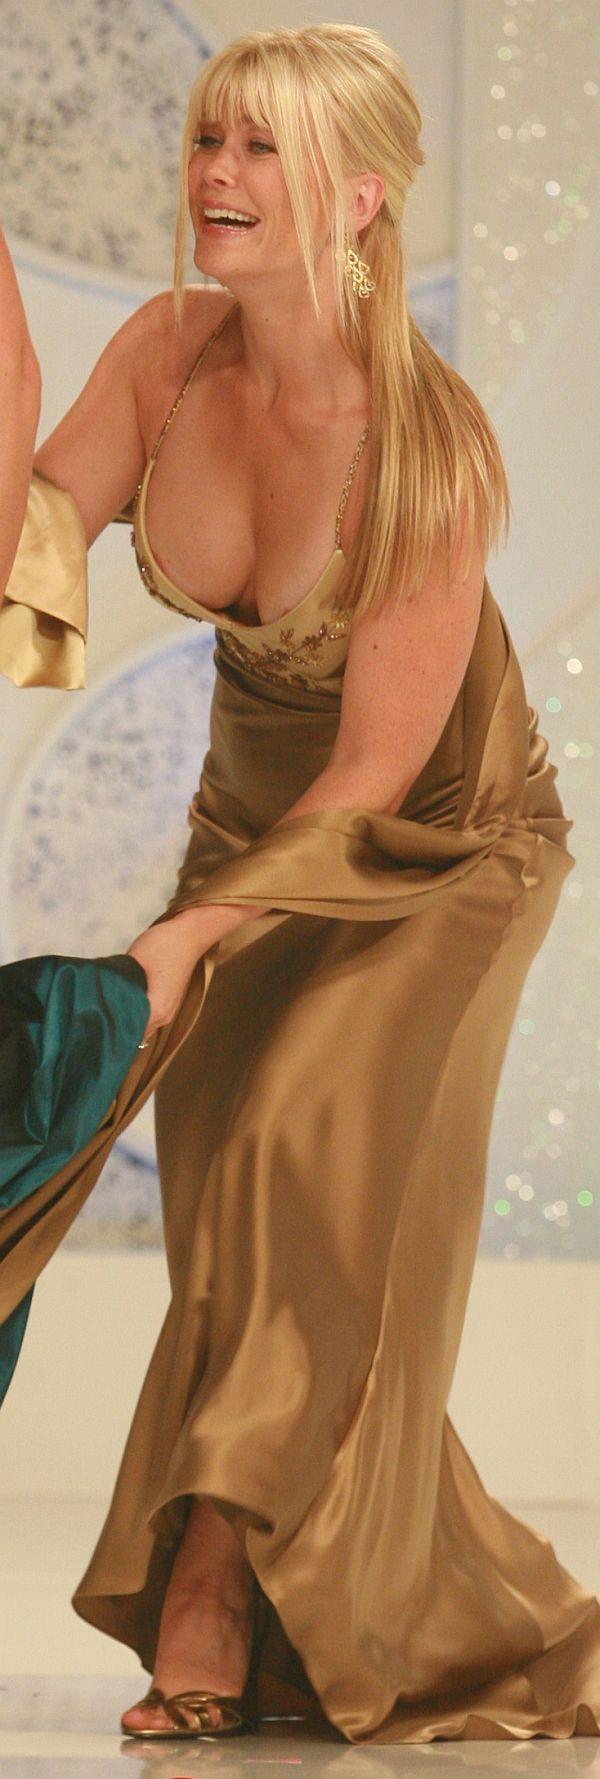 Alison Sweeney's Slight Nip Slip On Stage